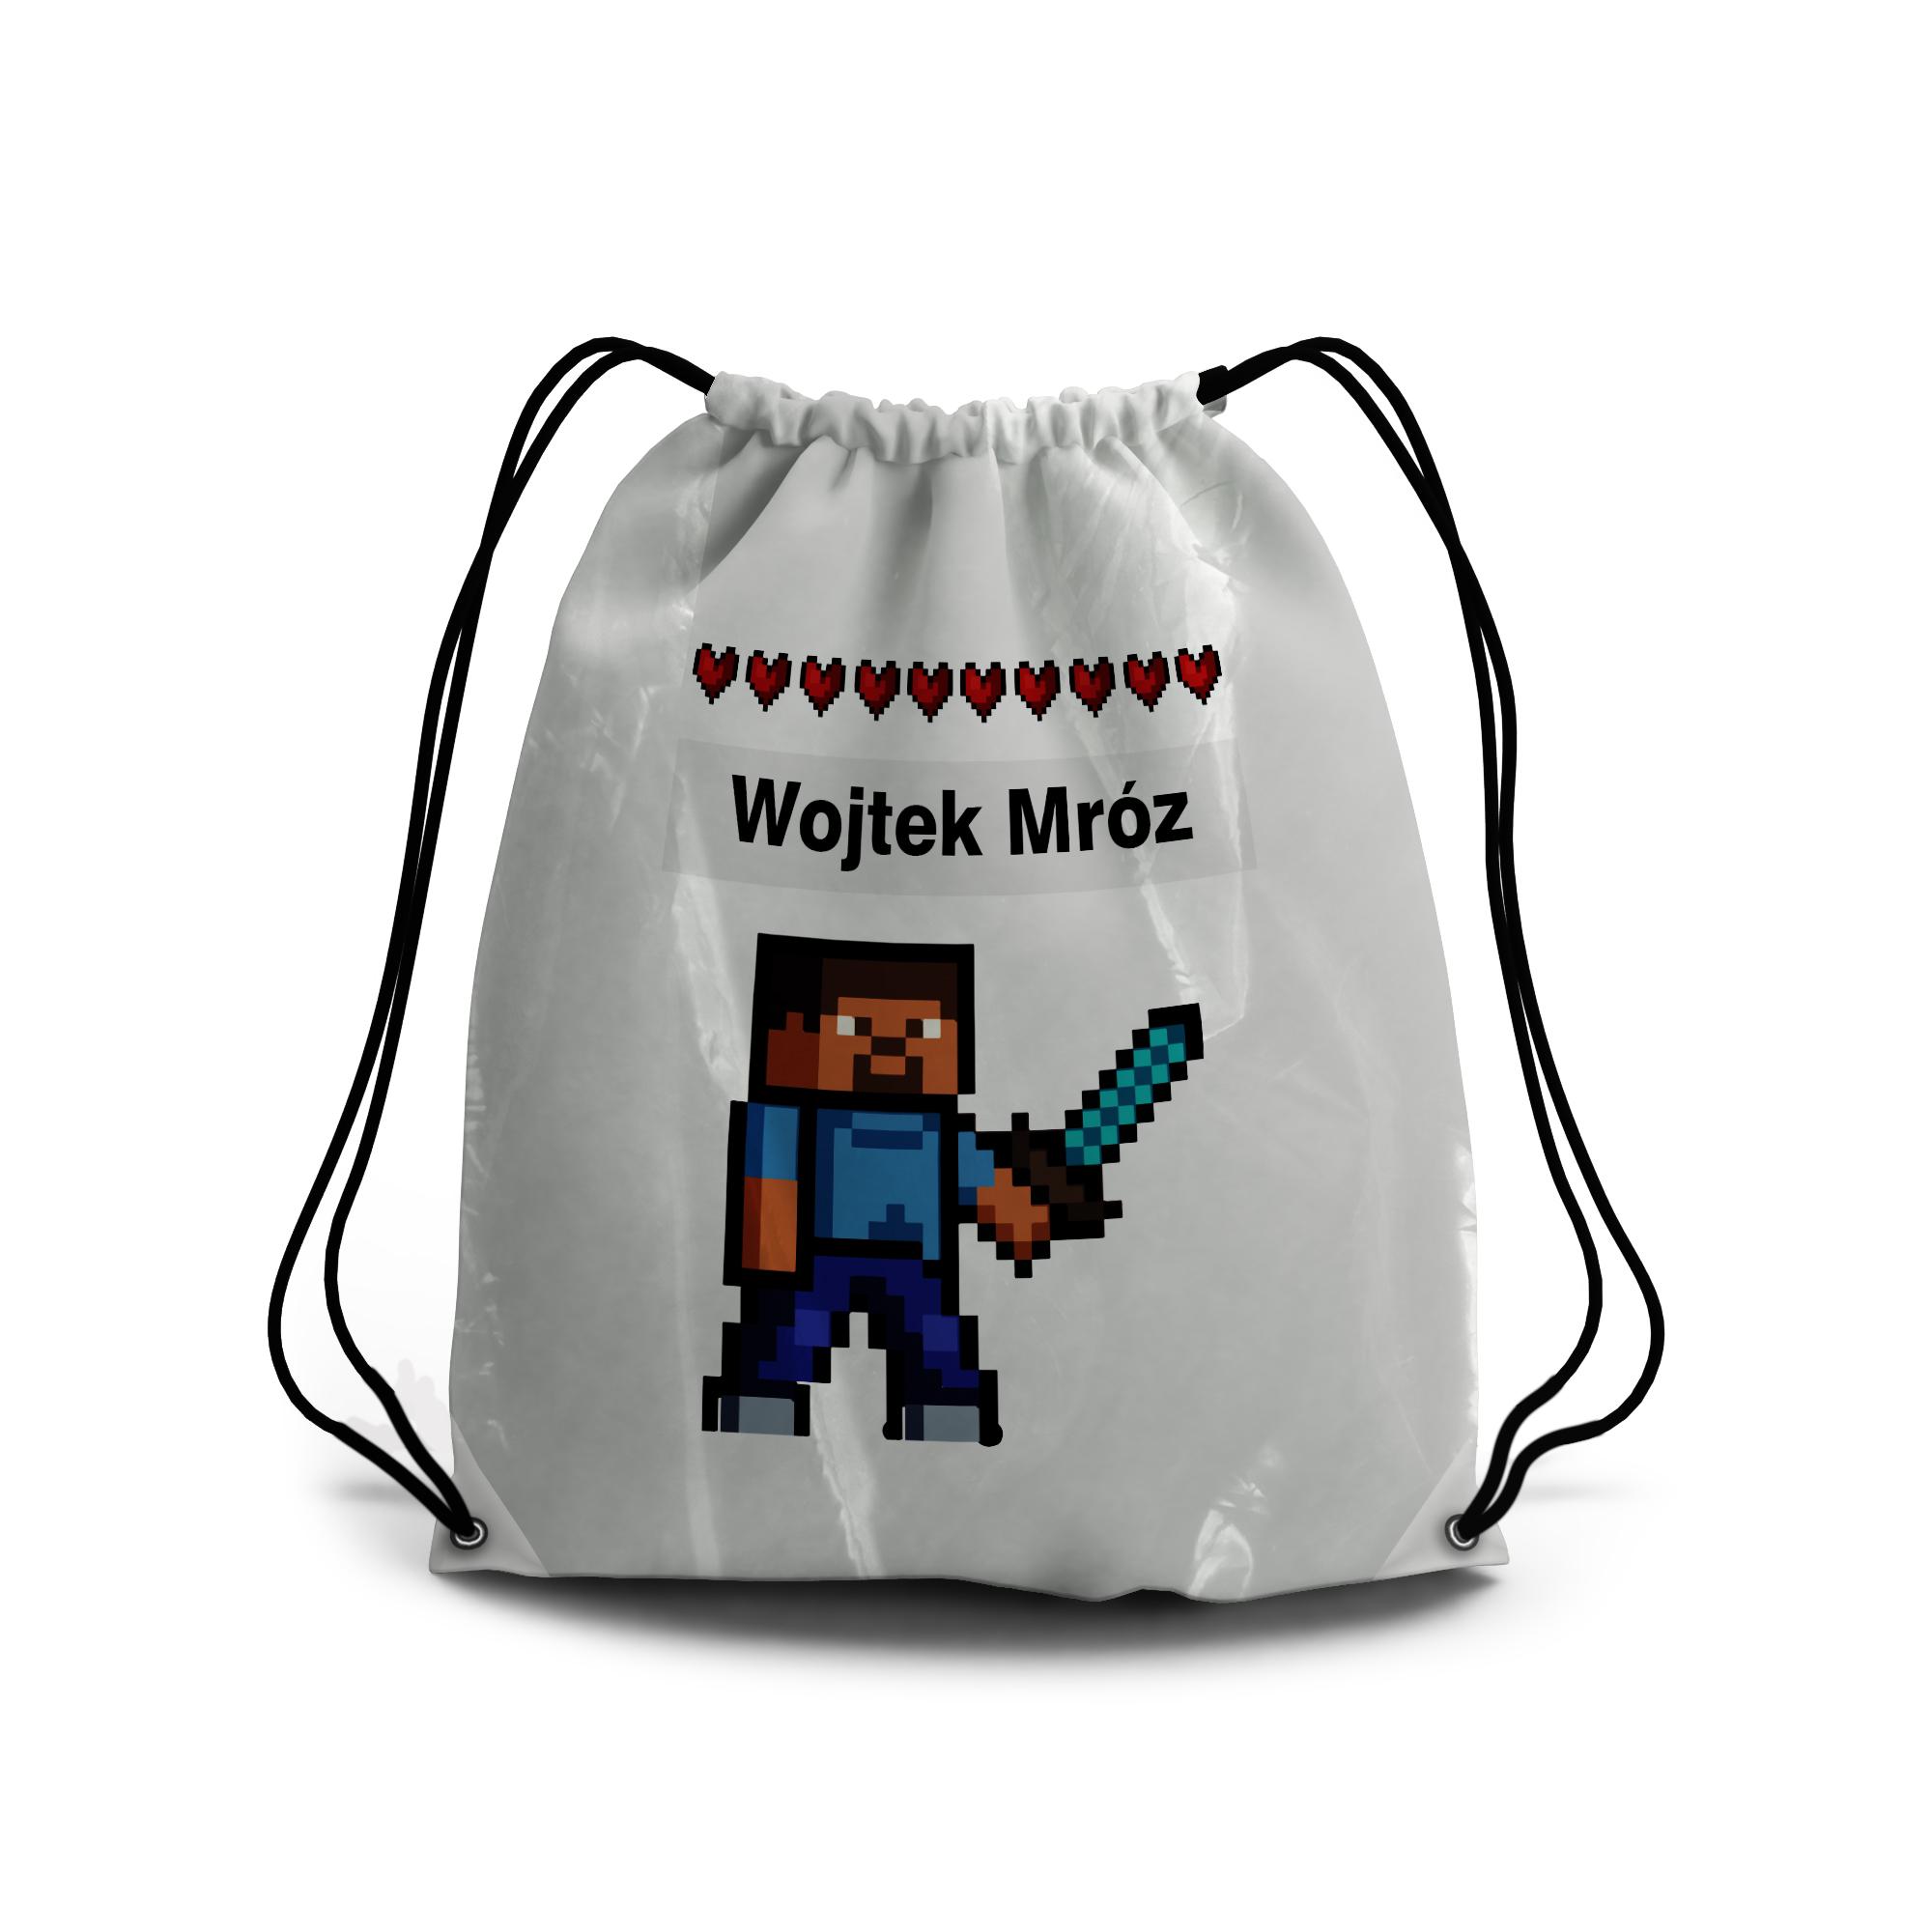 Worek plecak do przedszkola na buty z imieniem dziecka pixel gra